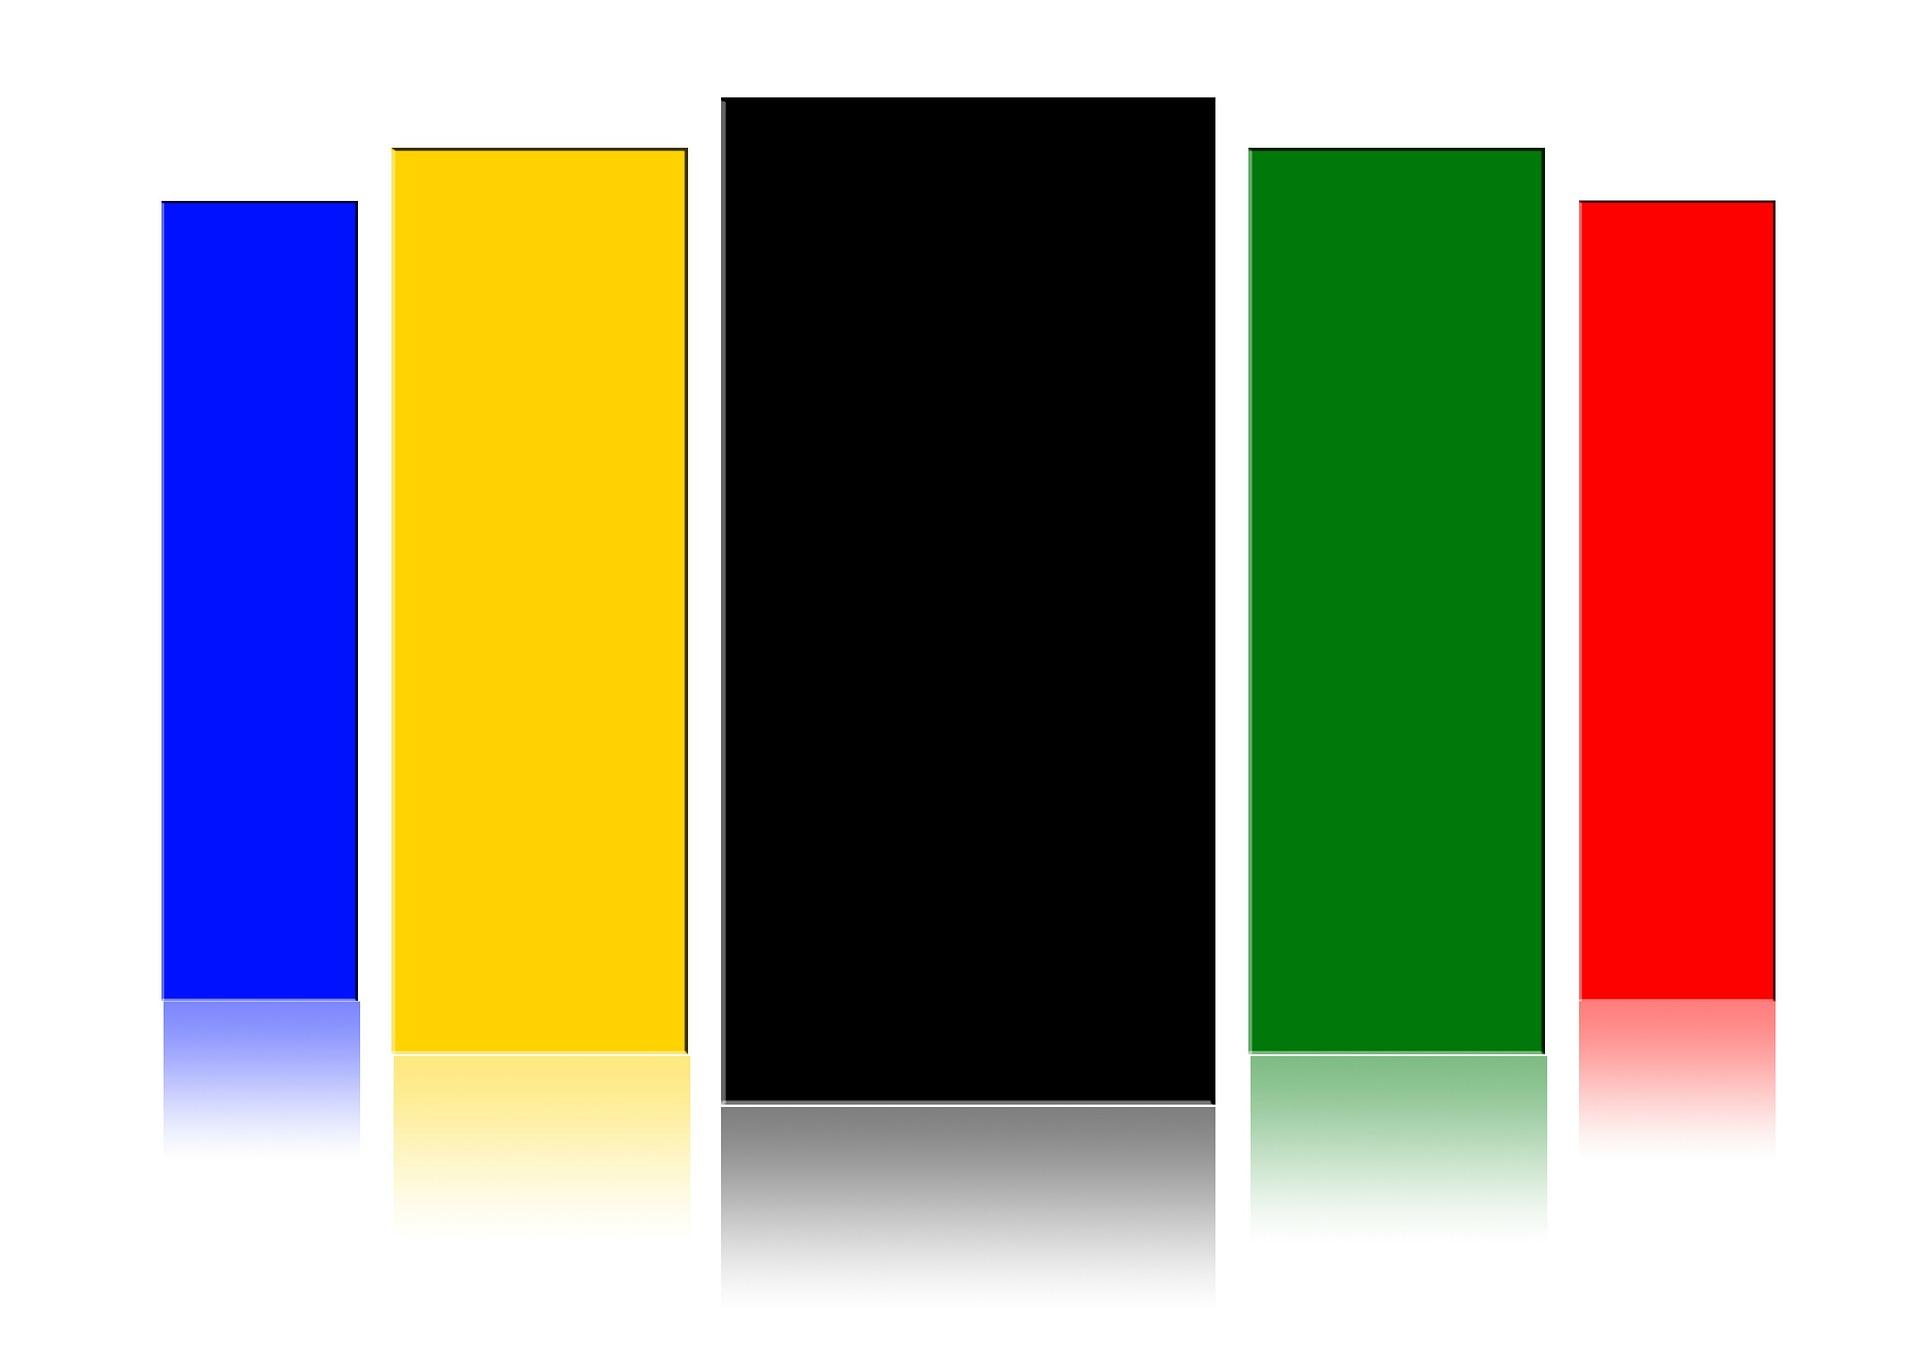 color-oficina ¿Cómo influye el color de la oficina en los trabajadores?